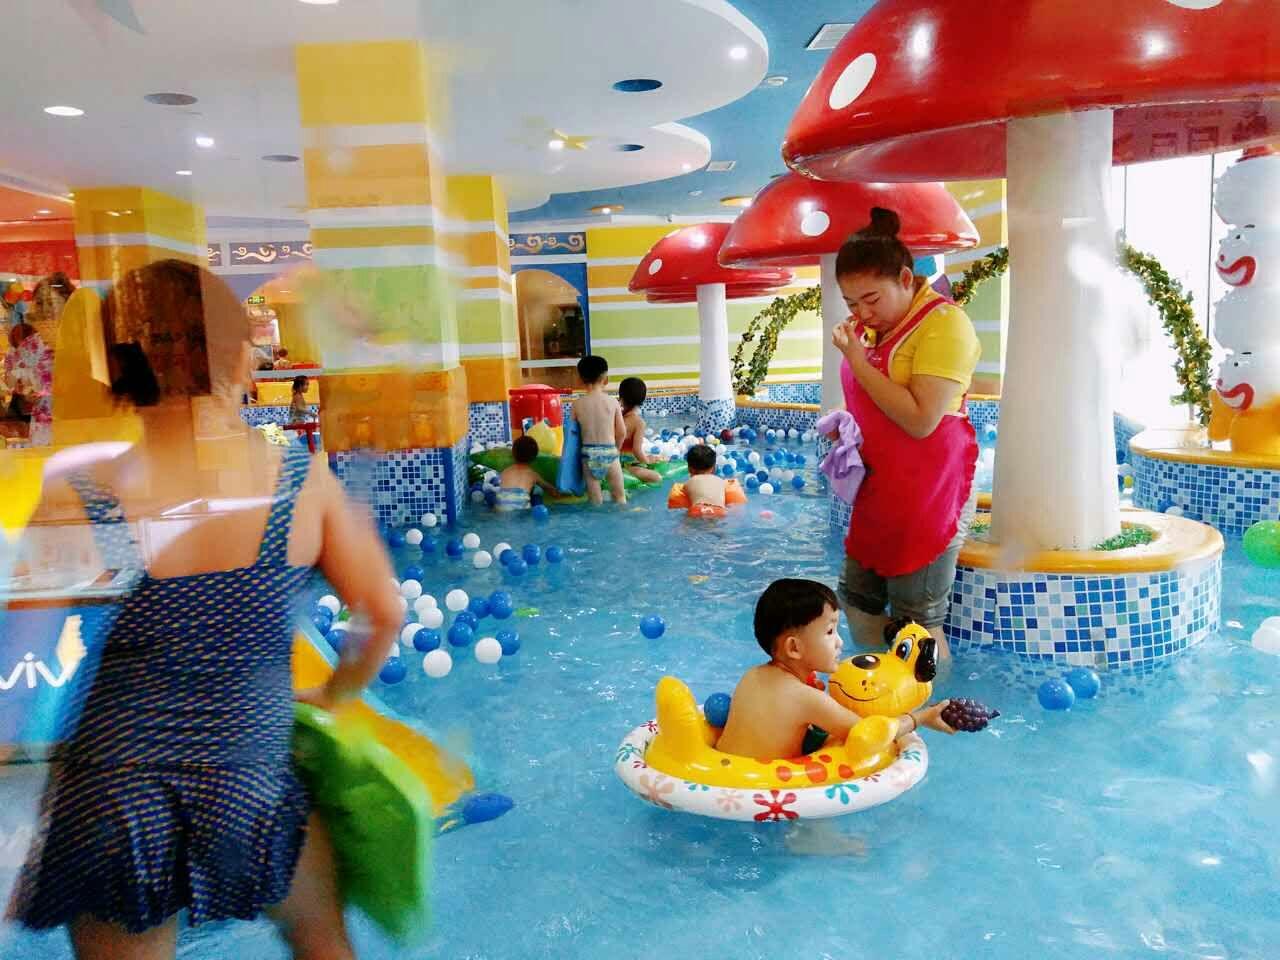 哈泊妮婴儿游泳馆加盟儿童水上乐园加盟(费用、电话)_2